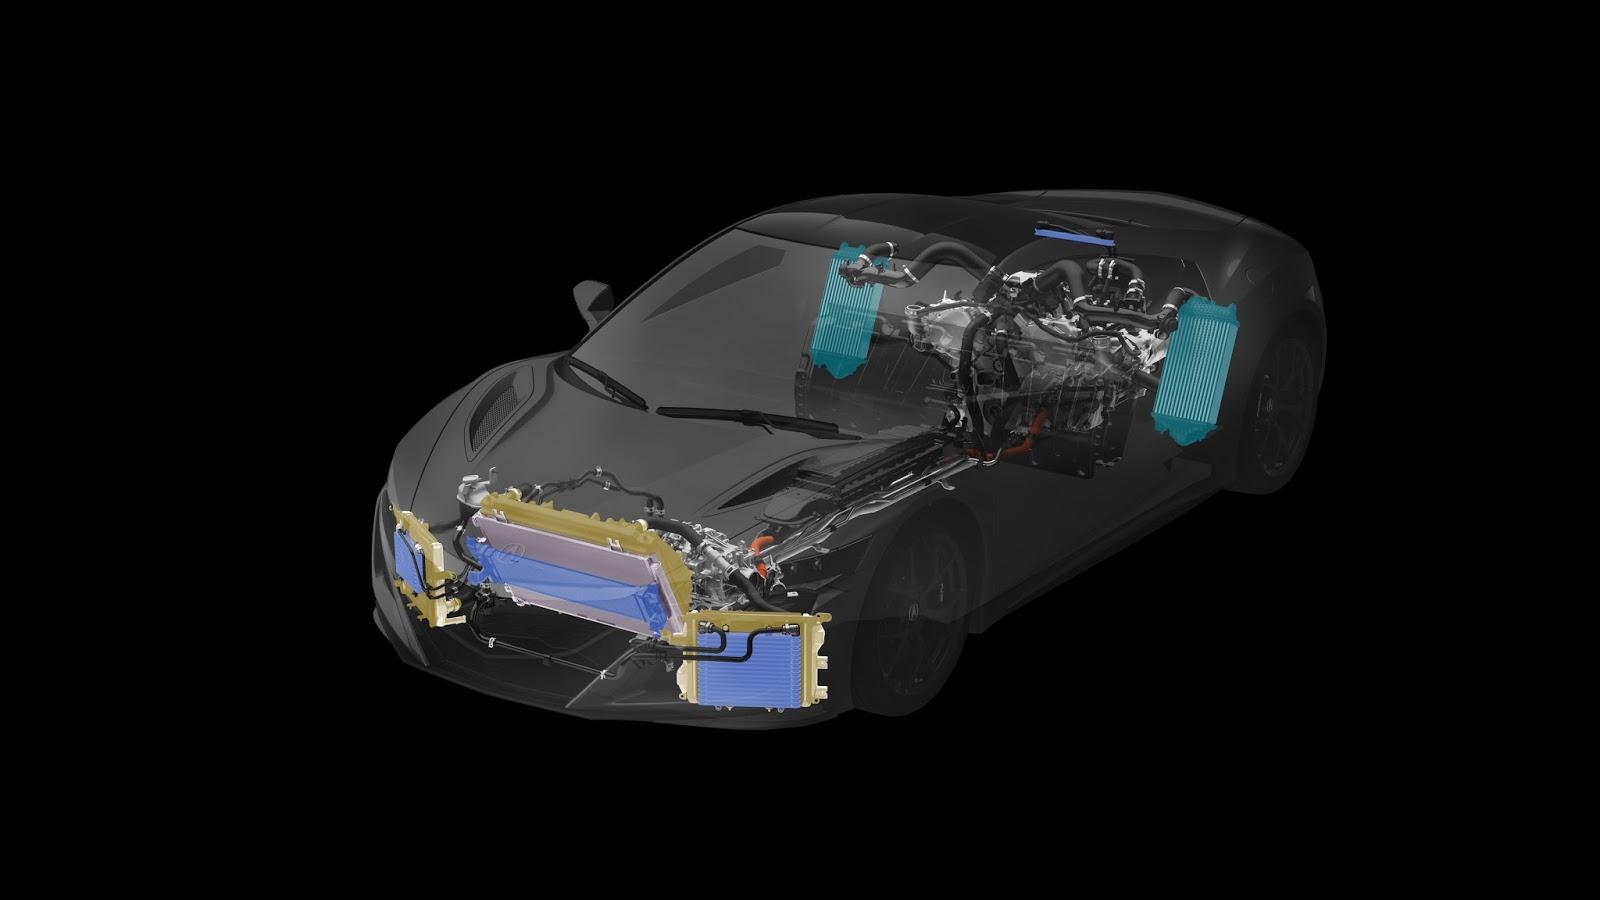 54633 2015 Honda NSX SAE Honda NSX: Ακτινογραφώντας το τέρας car, cars, Honda, Honda NSX, NSX, zblog, ιπποδύναμη, μεταχειρισμένο, πισωκίνητο, τετρακίνητο, υβριδικό, Χοντα, ψαρ